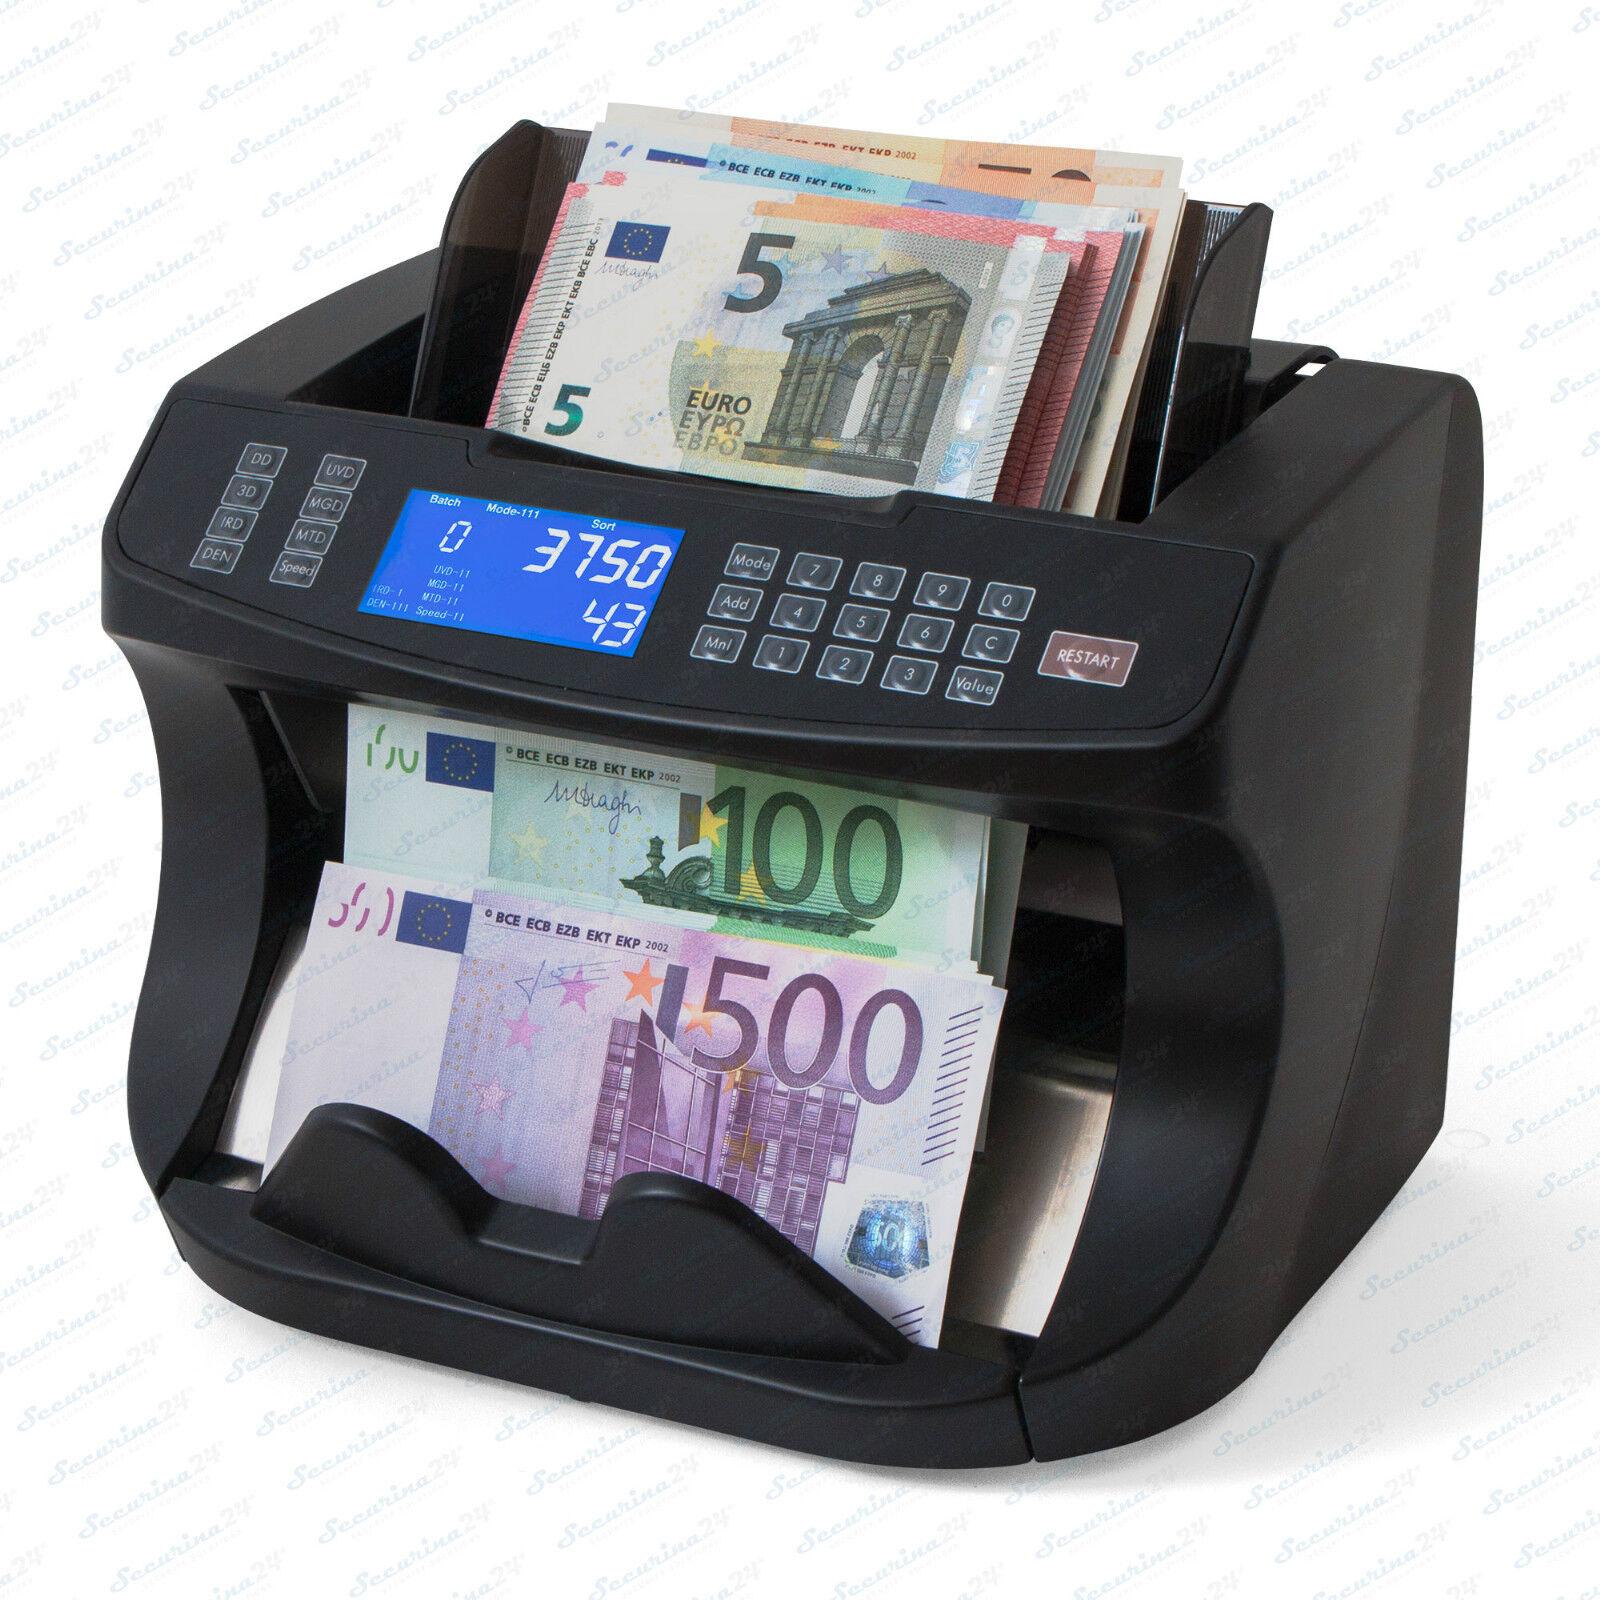 Geldzählmaschine Geldzähler Wertzähler Banknotenzähler Geldprüfer Geldprüfgerät